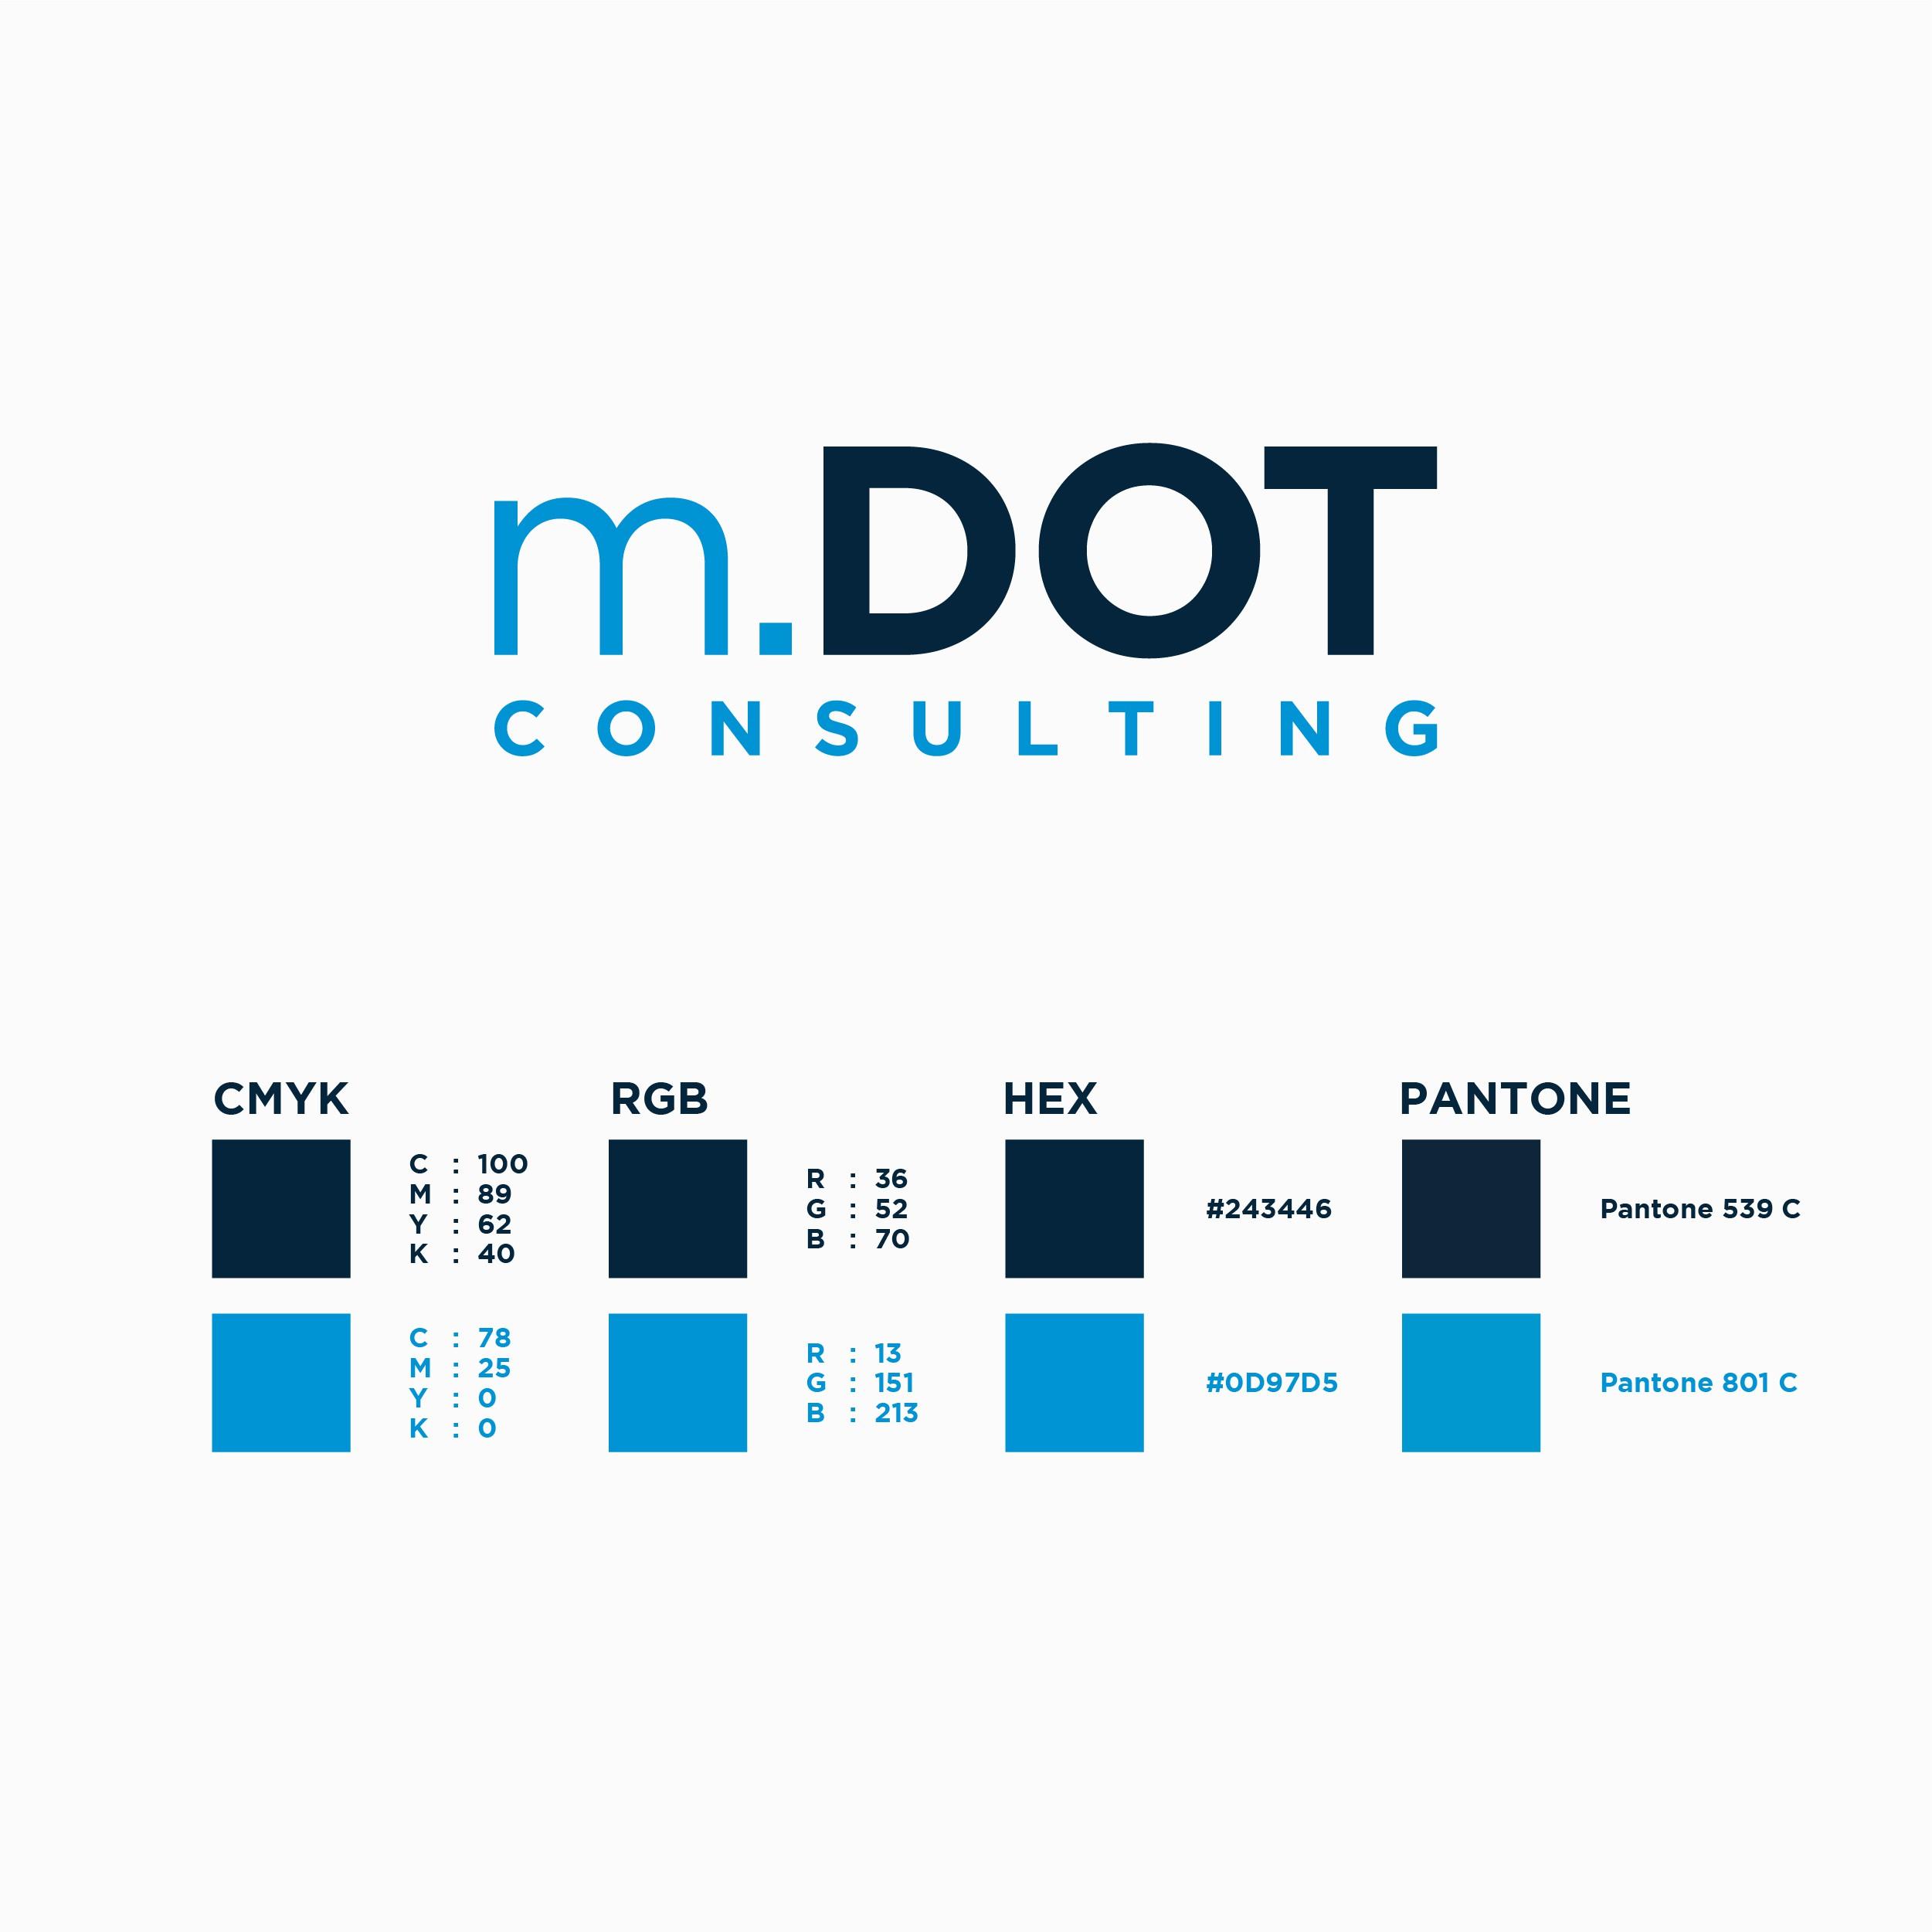 Digital/Tech Consulting Firm Needs Modern Logo